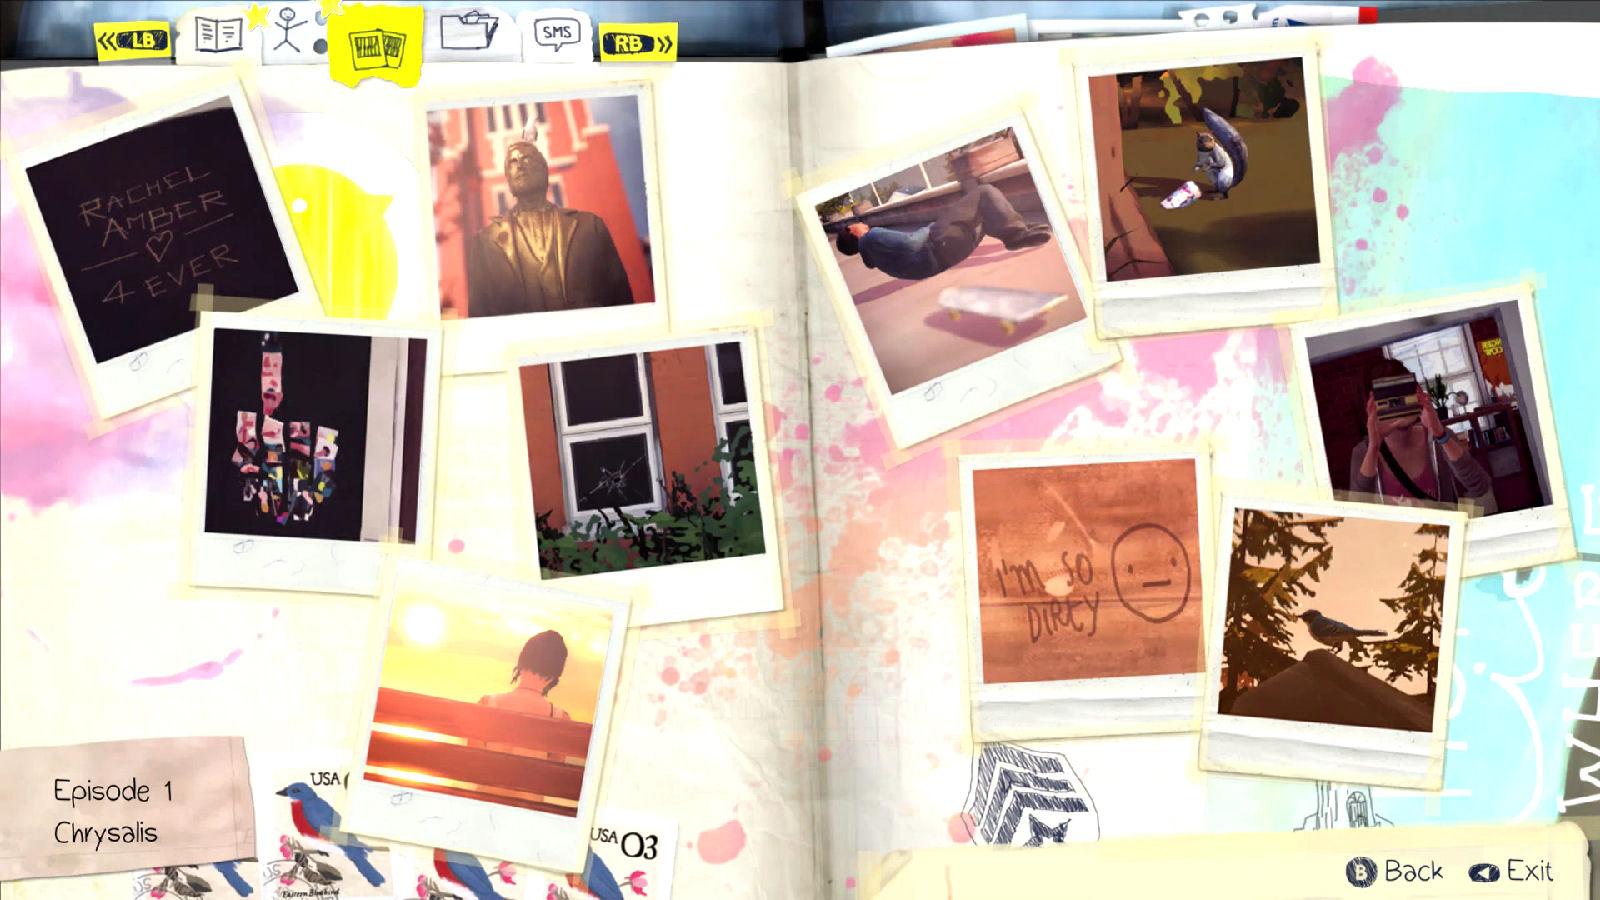 Life is Strange Episode 1 Optional Photos